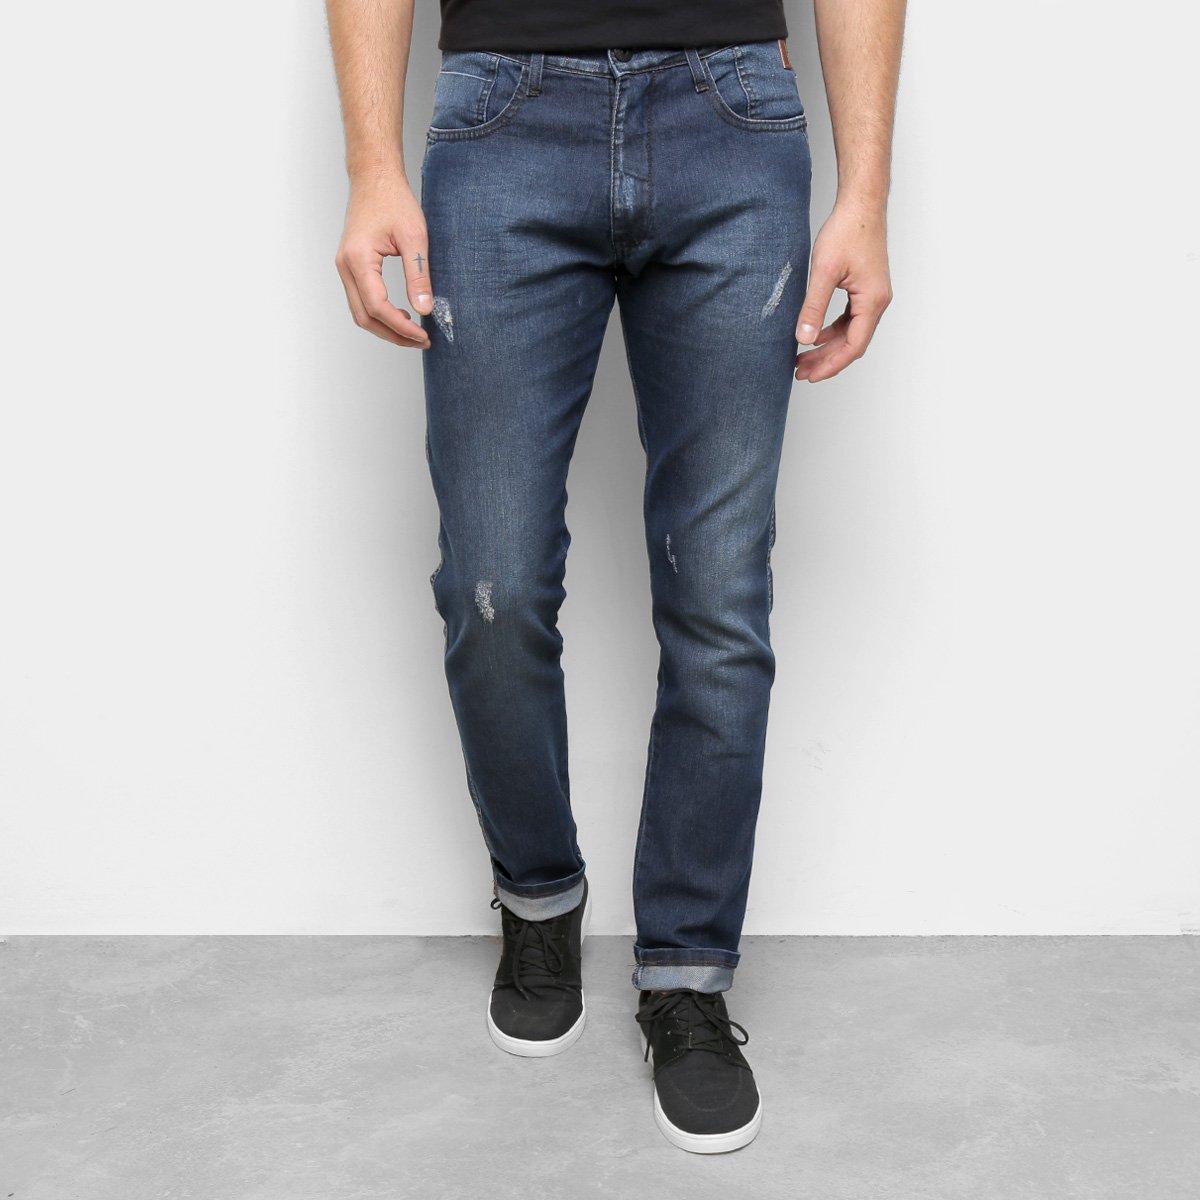 Calça Jeans HD Dark Masculina